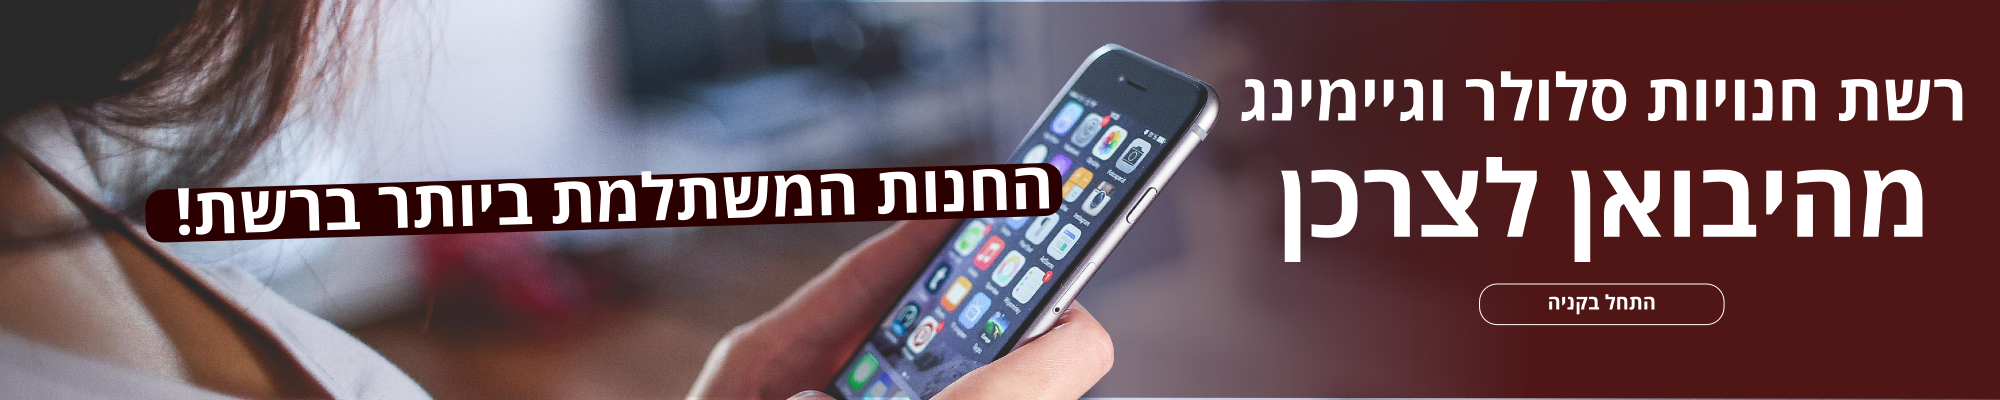 רשת חנויות סלולר מהיבואן לצרכן באנר